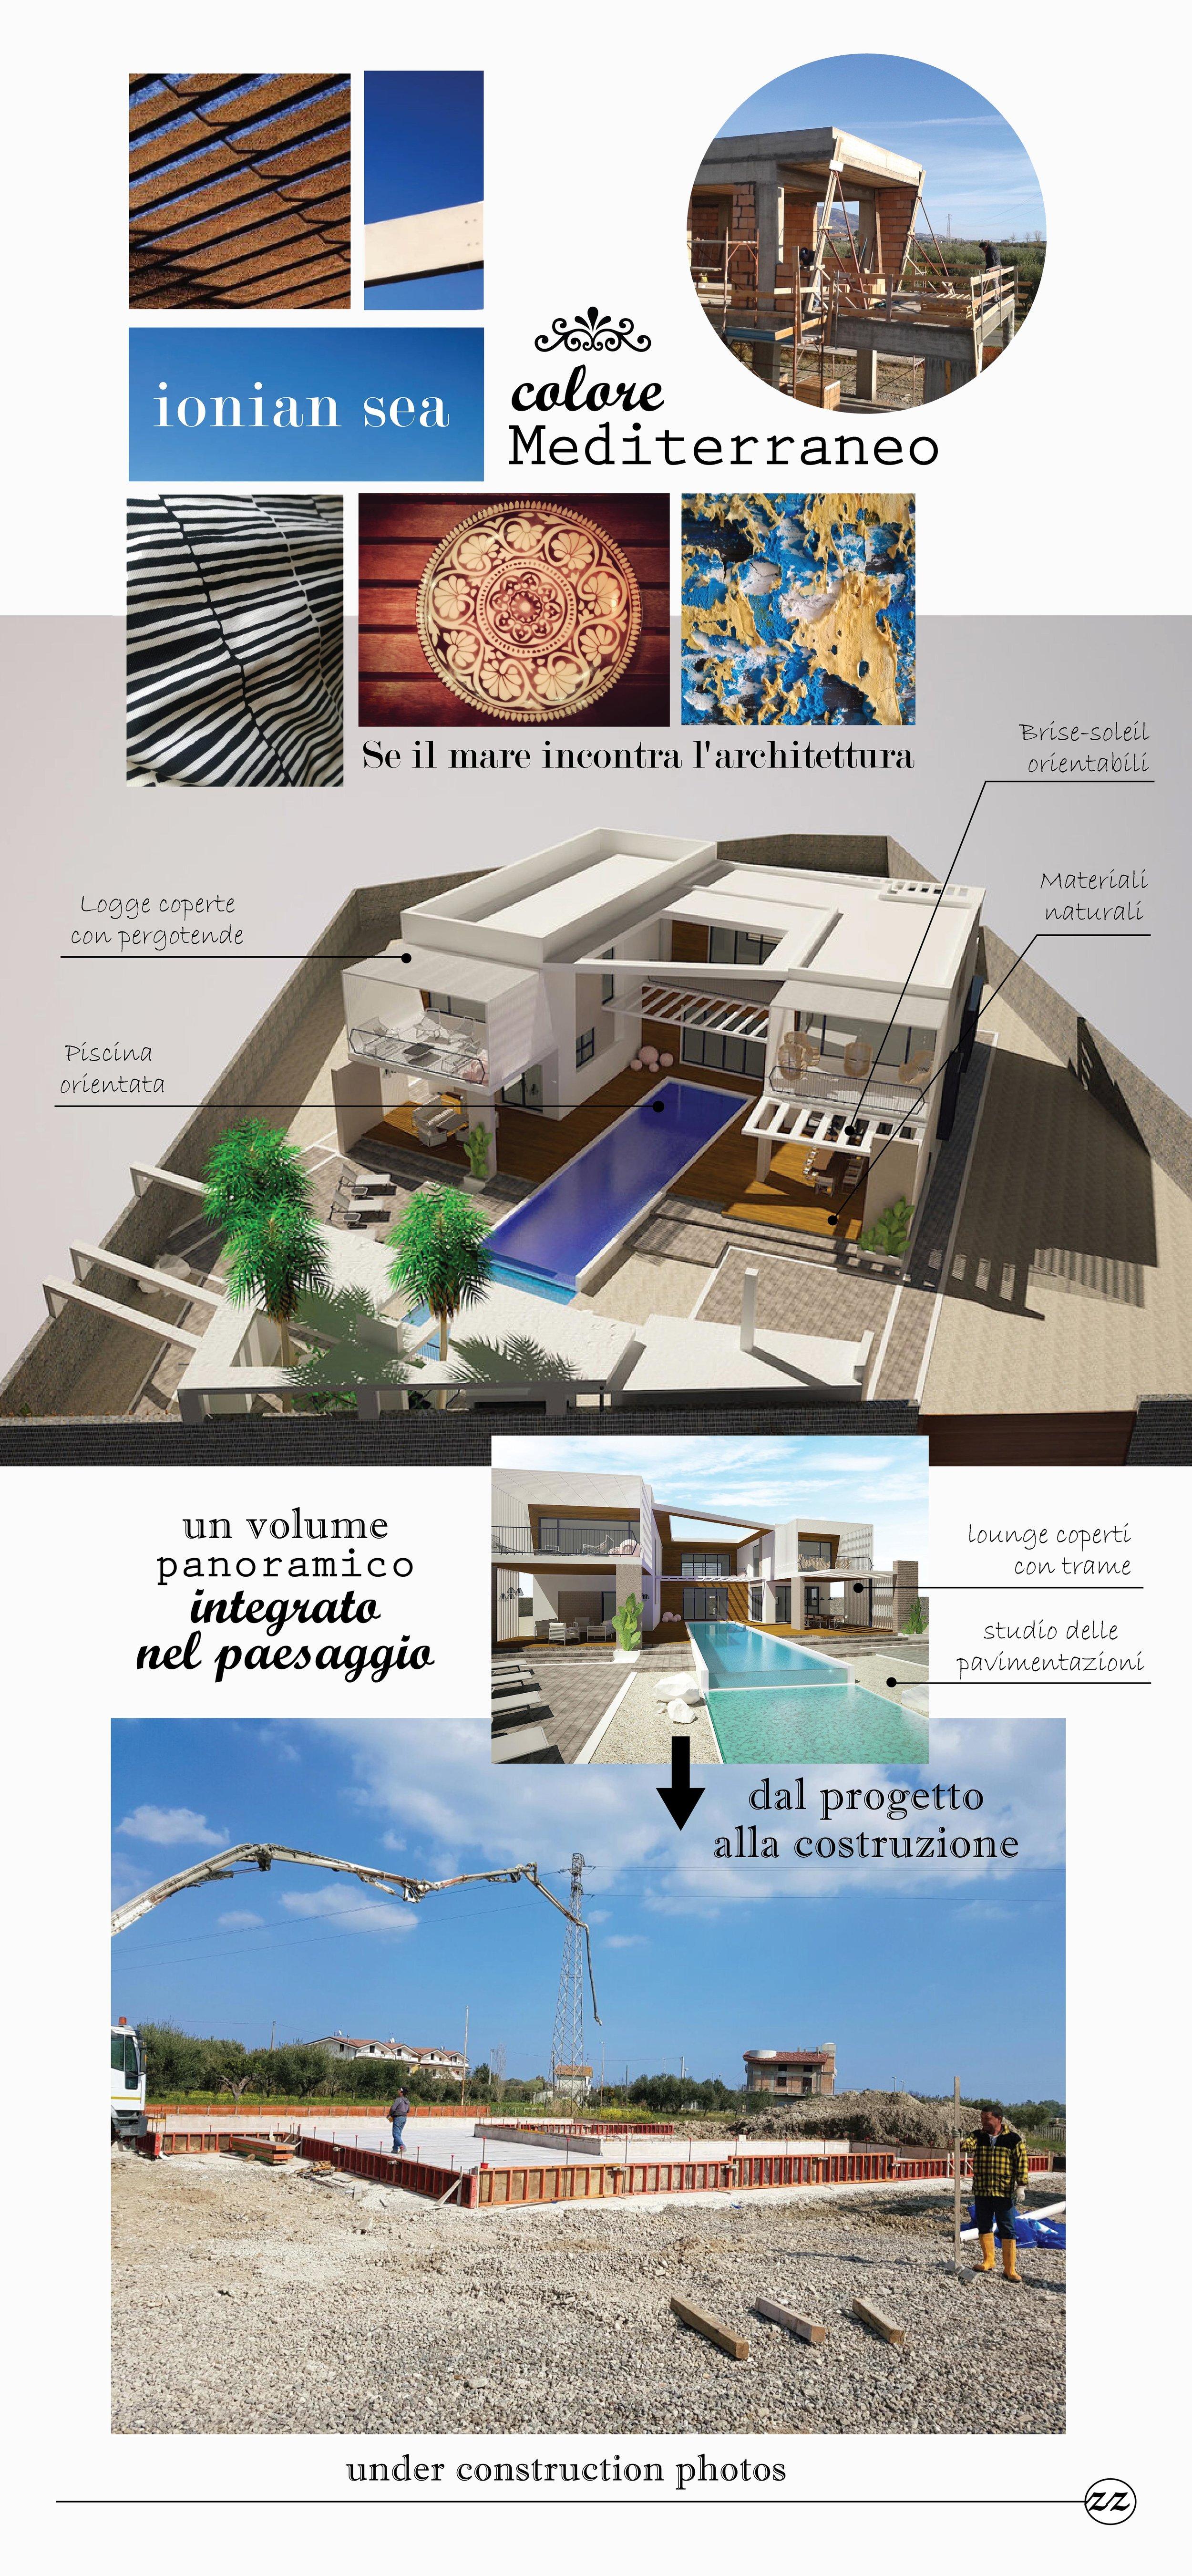 06_casa mediterranea_02_01_2019-01.jpg